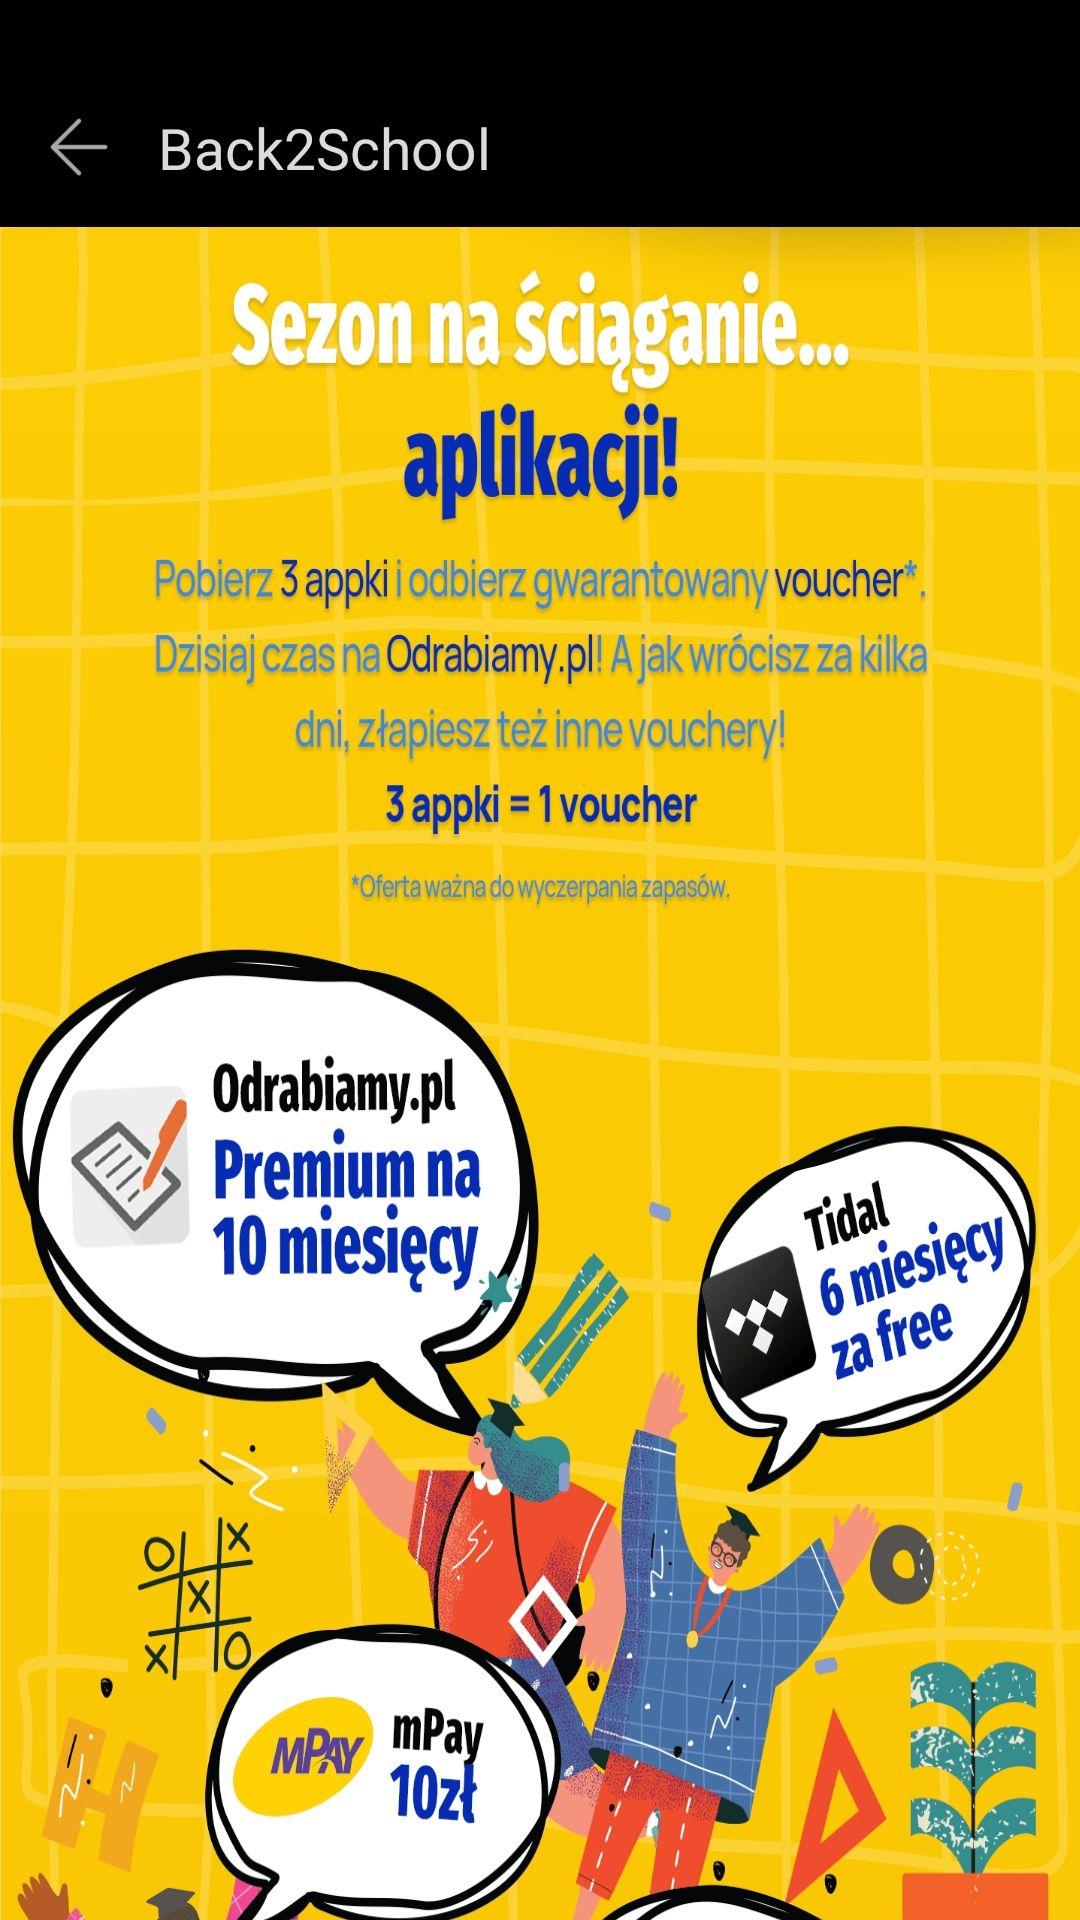 Odrabiamy.pl za darmo na 10 miesięcy